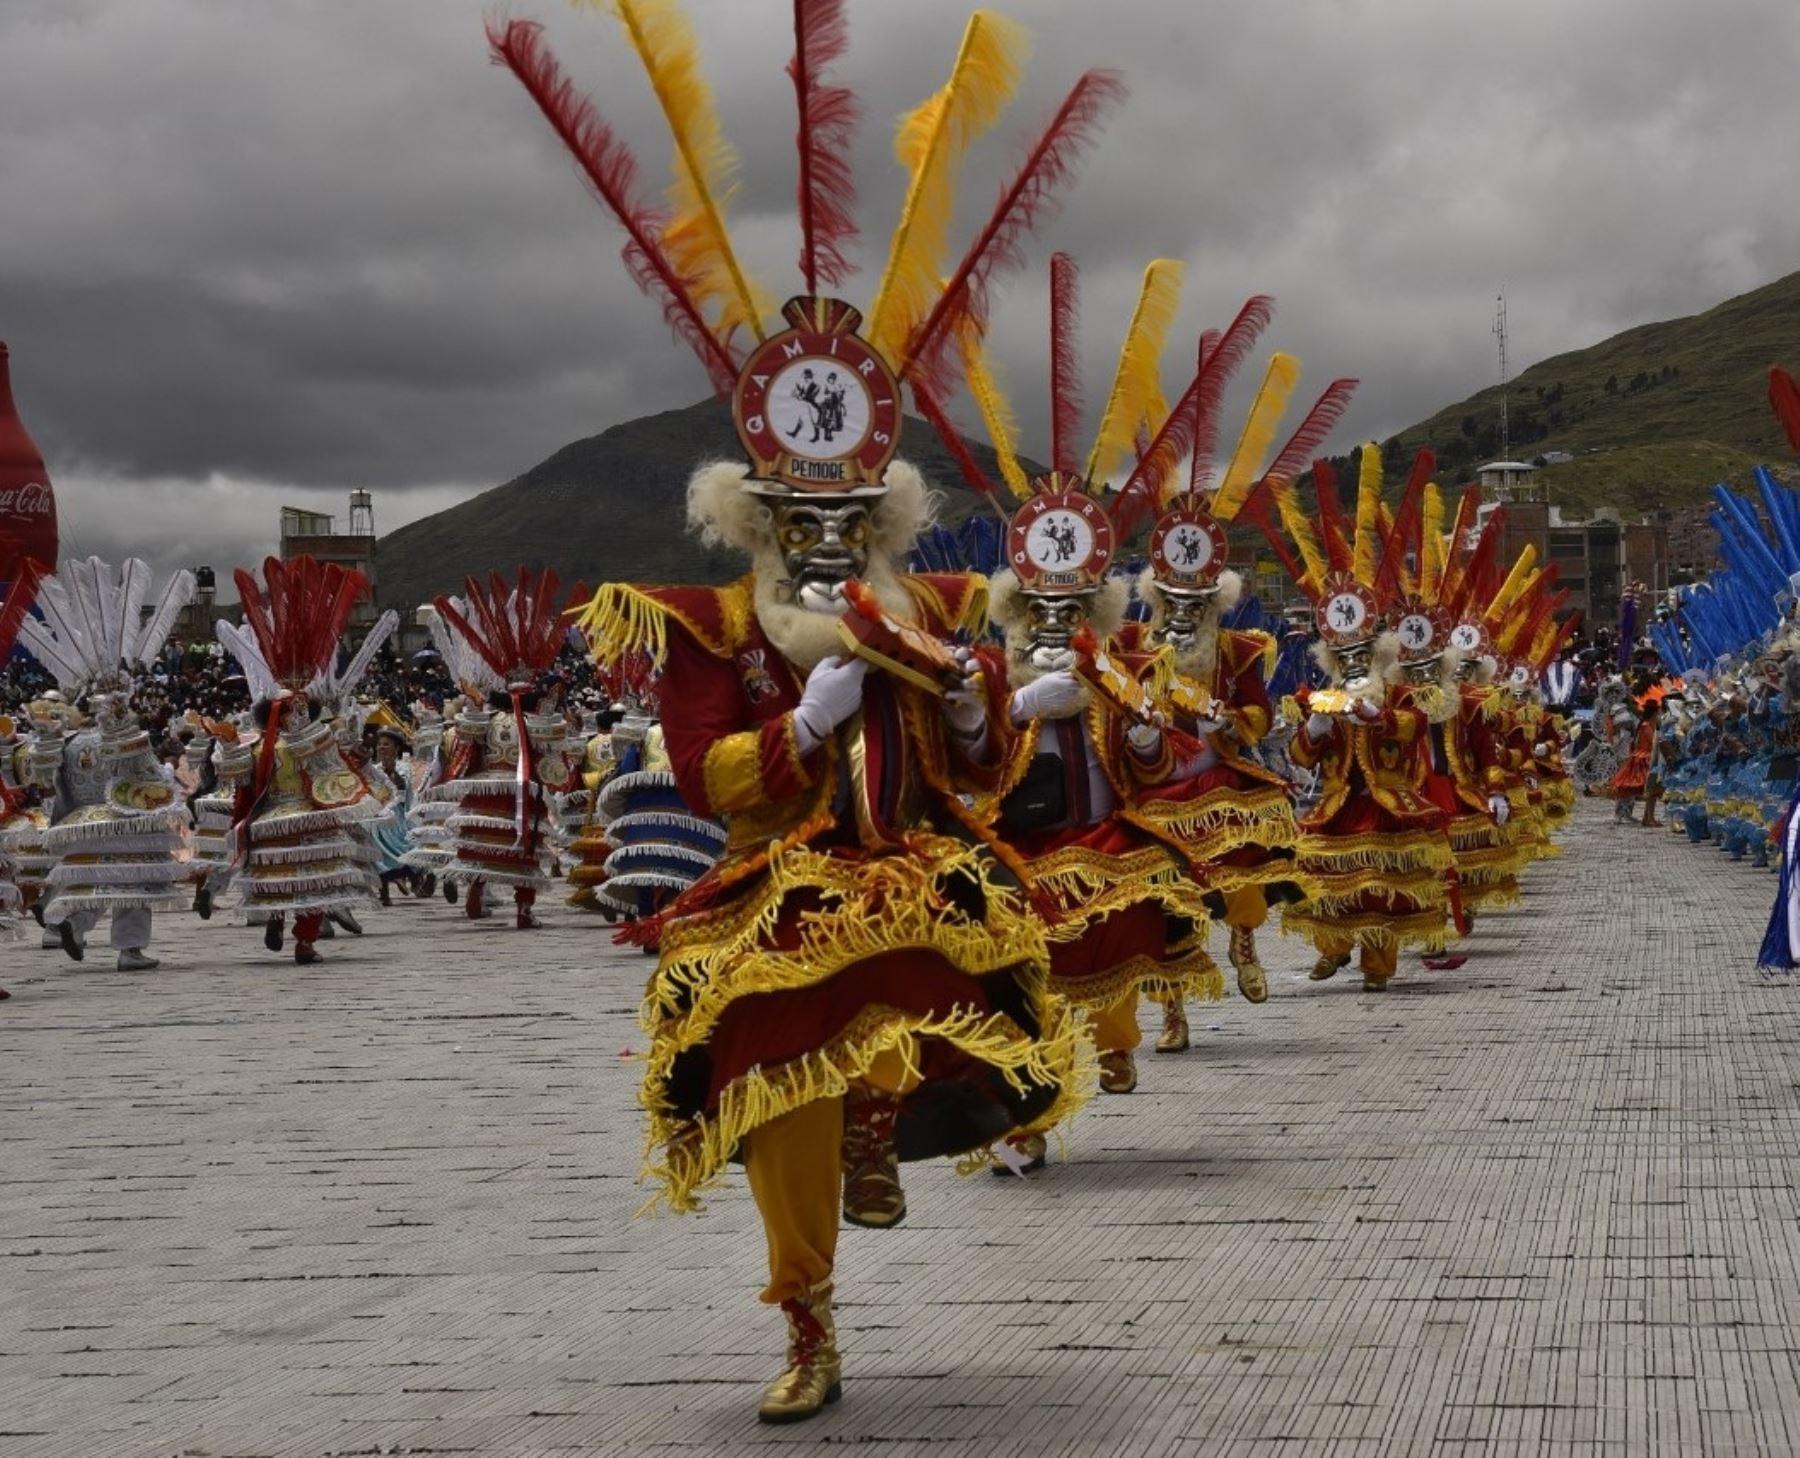 El coronavirus obliga a Puno a suspender toda actividad de la tradicional Festividad de la Virgen de la Candelaria, incluyendo la fiesta virtual. Solo se realizarán ceremonias litúrgicas en honor a Mamacha Candelaria.  ANDINA/Difusión